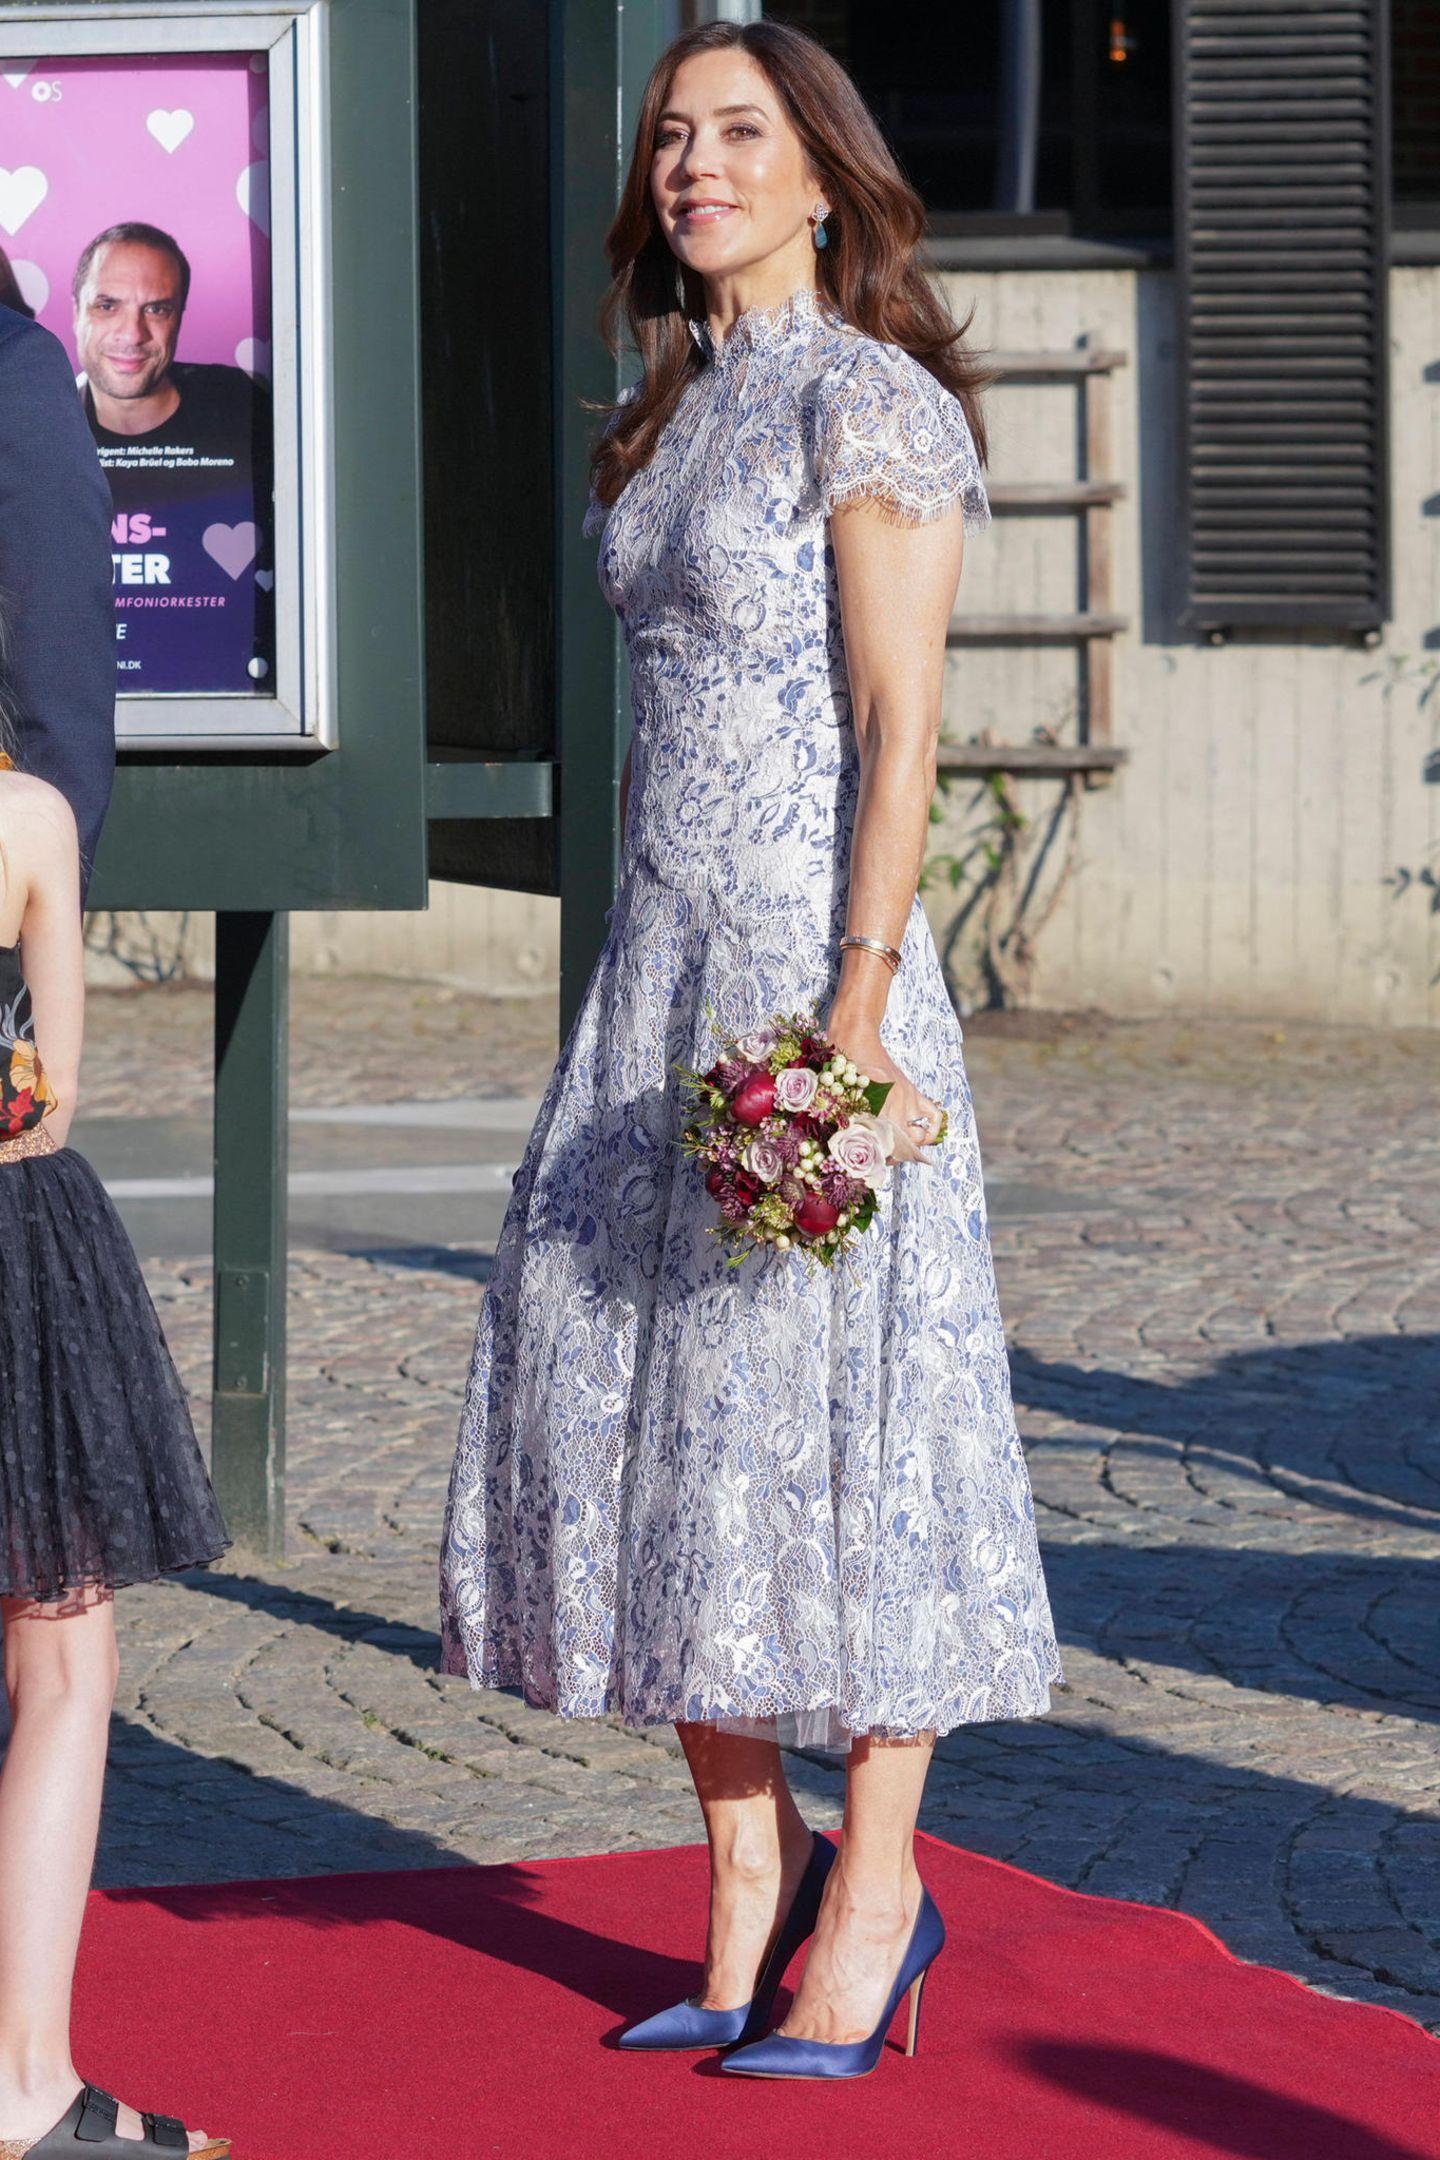 """Weiße Spitze sieht nicht nur bei Brautkleidern umwerfend aus, mit kleinen Farbakzenten wird der edle Stoff zum sommerlichen Eye-Catcher, das beweist Prinzessin Mary bei den Feierlichkeiten zur Konzertreihe """"Mind the Music"""" in Odense. Mit dem Spitzentraum unterstützt MaryDesigner:innen (Moss & Spy) aus ihrer Heimat Australien."""